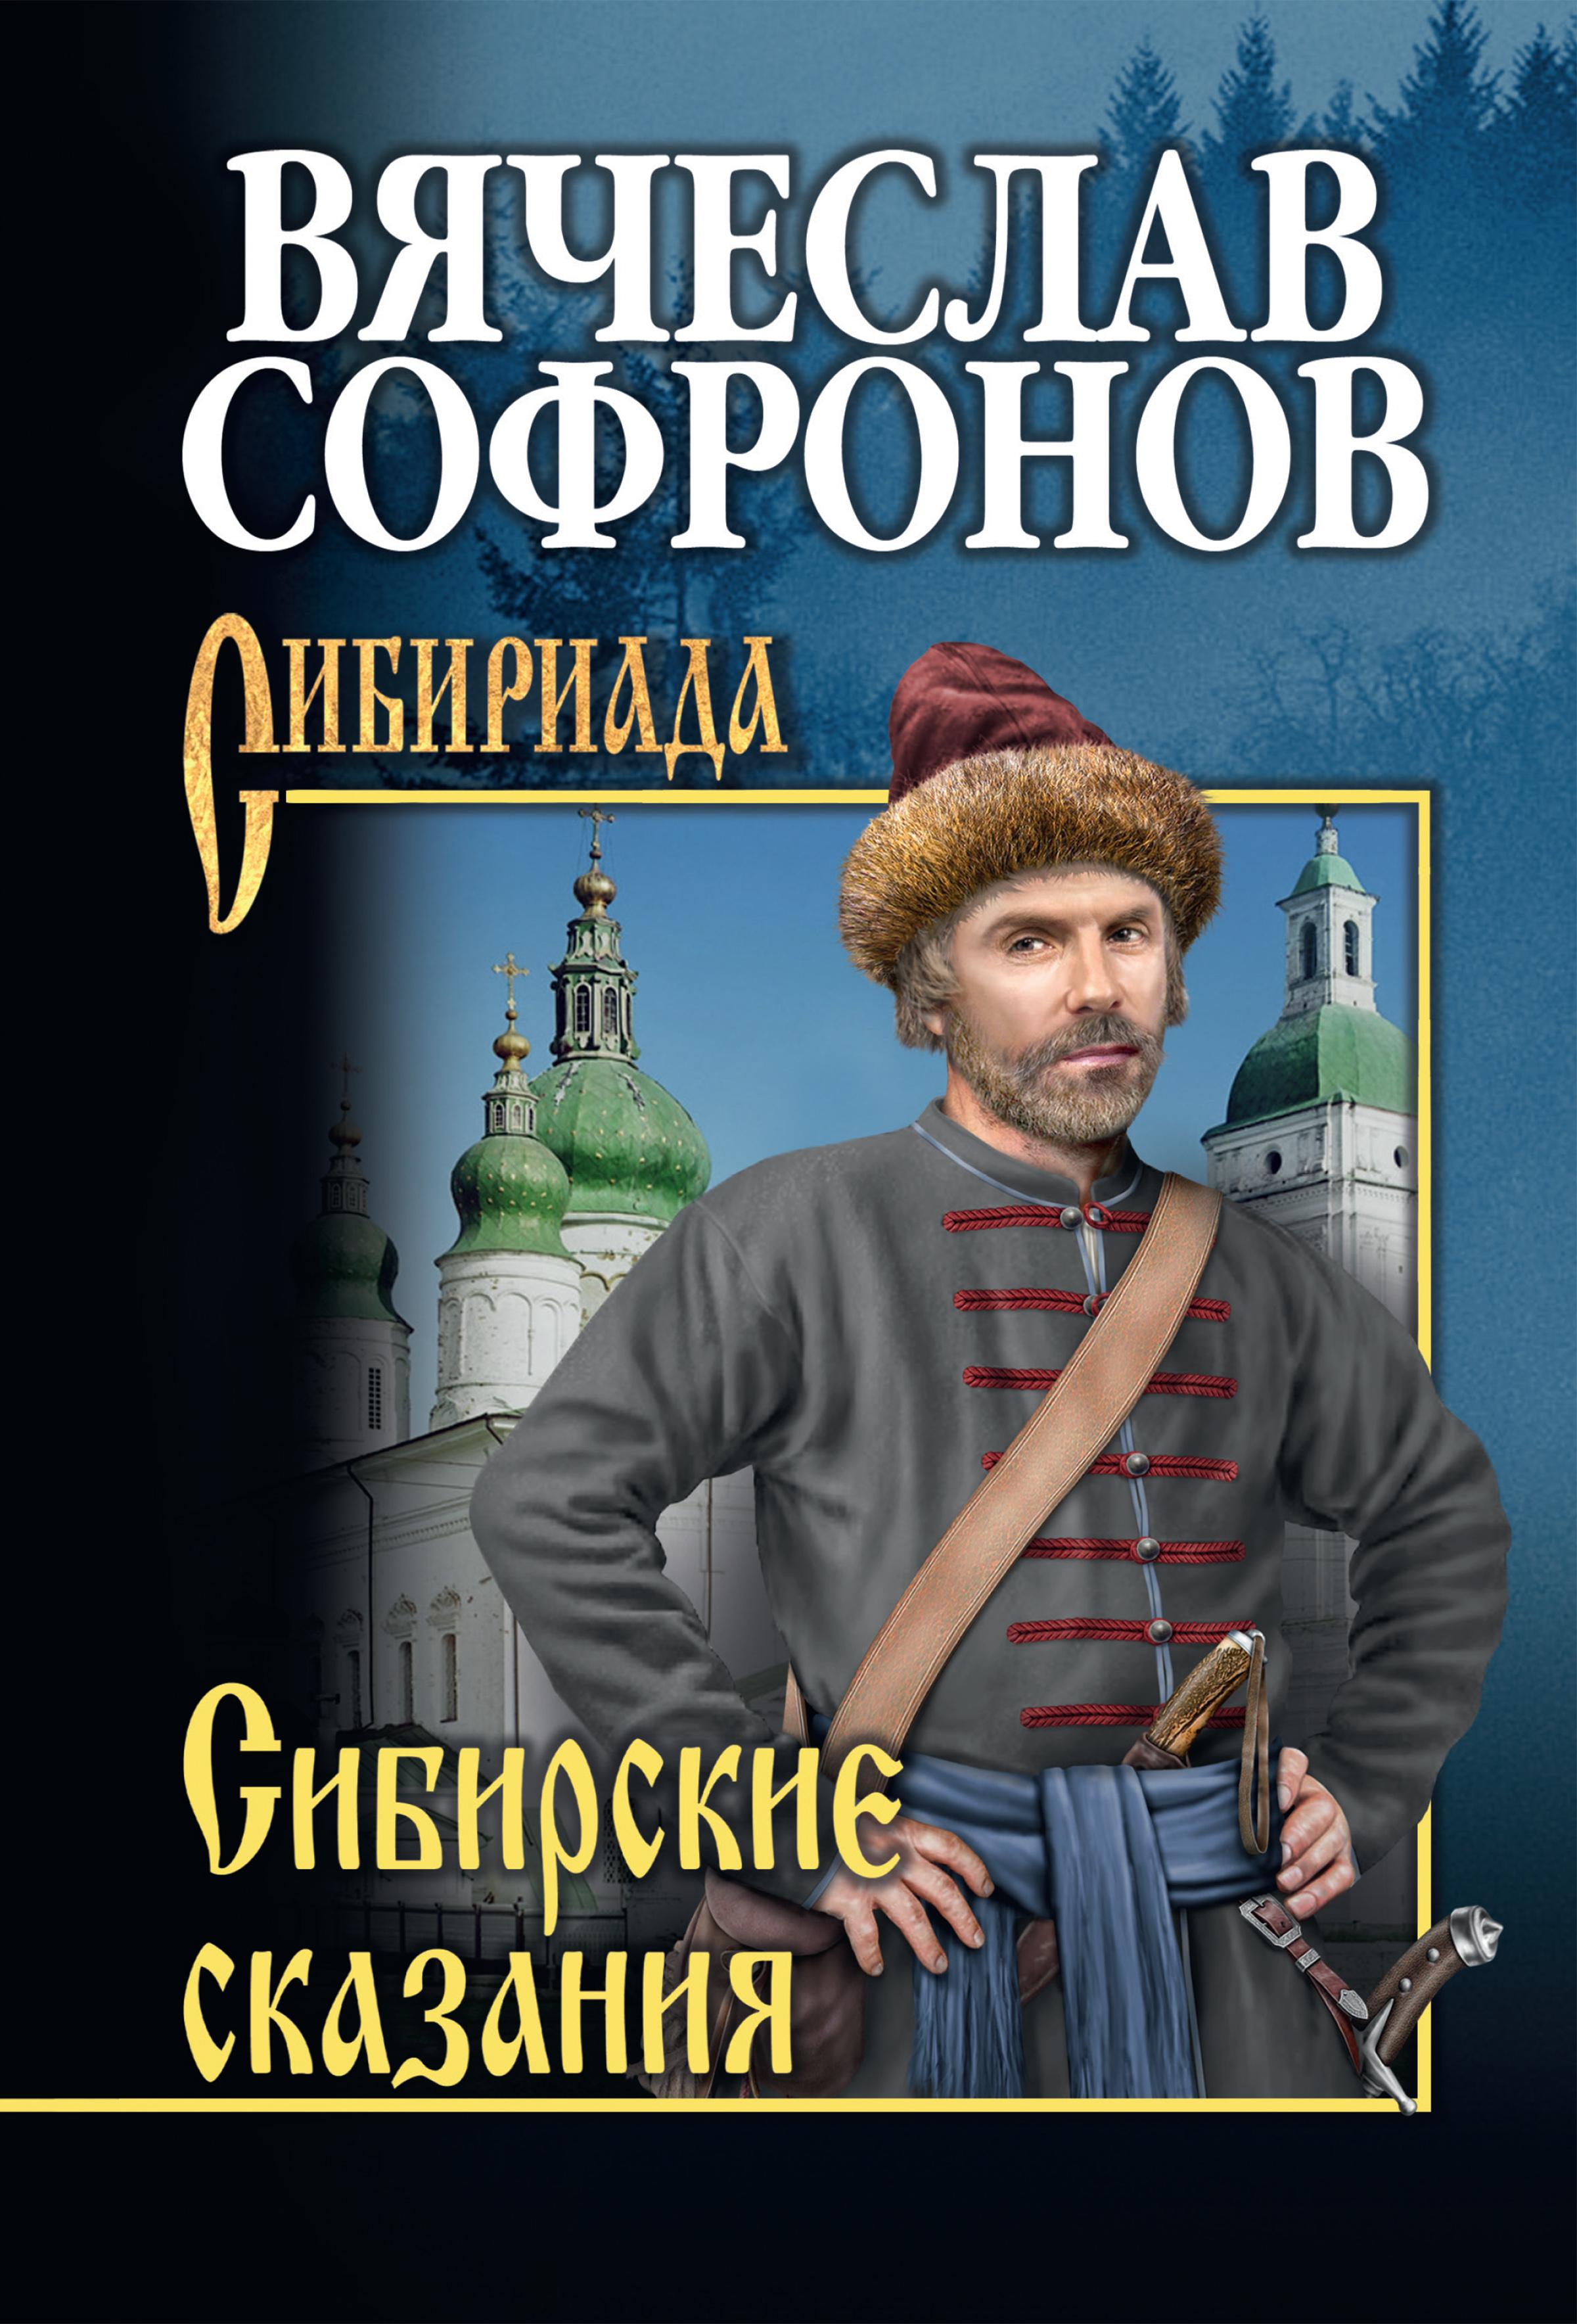 Сибирские сказания